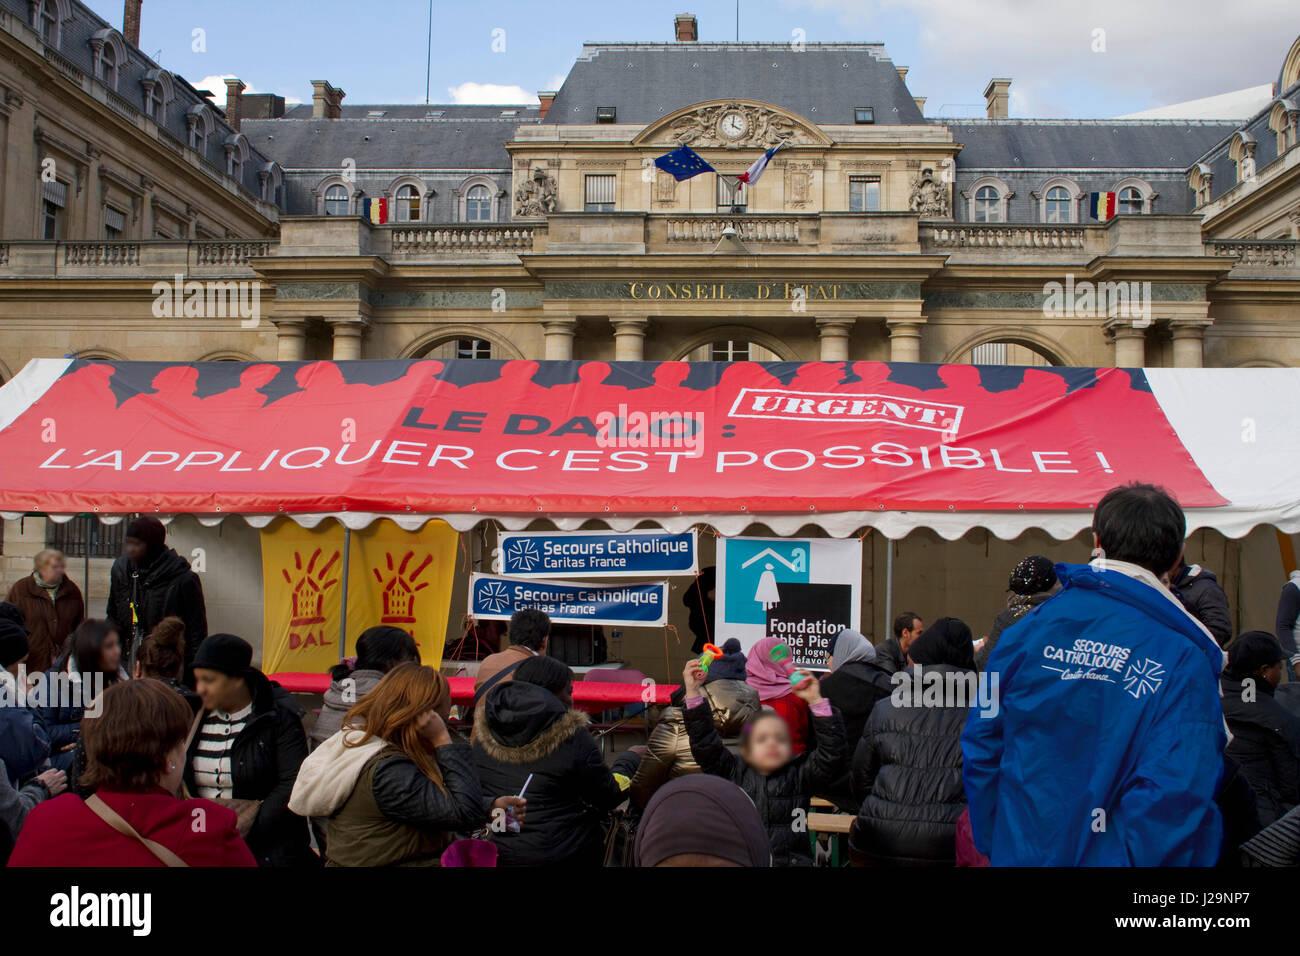 France, Paris, Place du Palais Royal, DALO strike (enforceable right to housing) - Stock Image